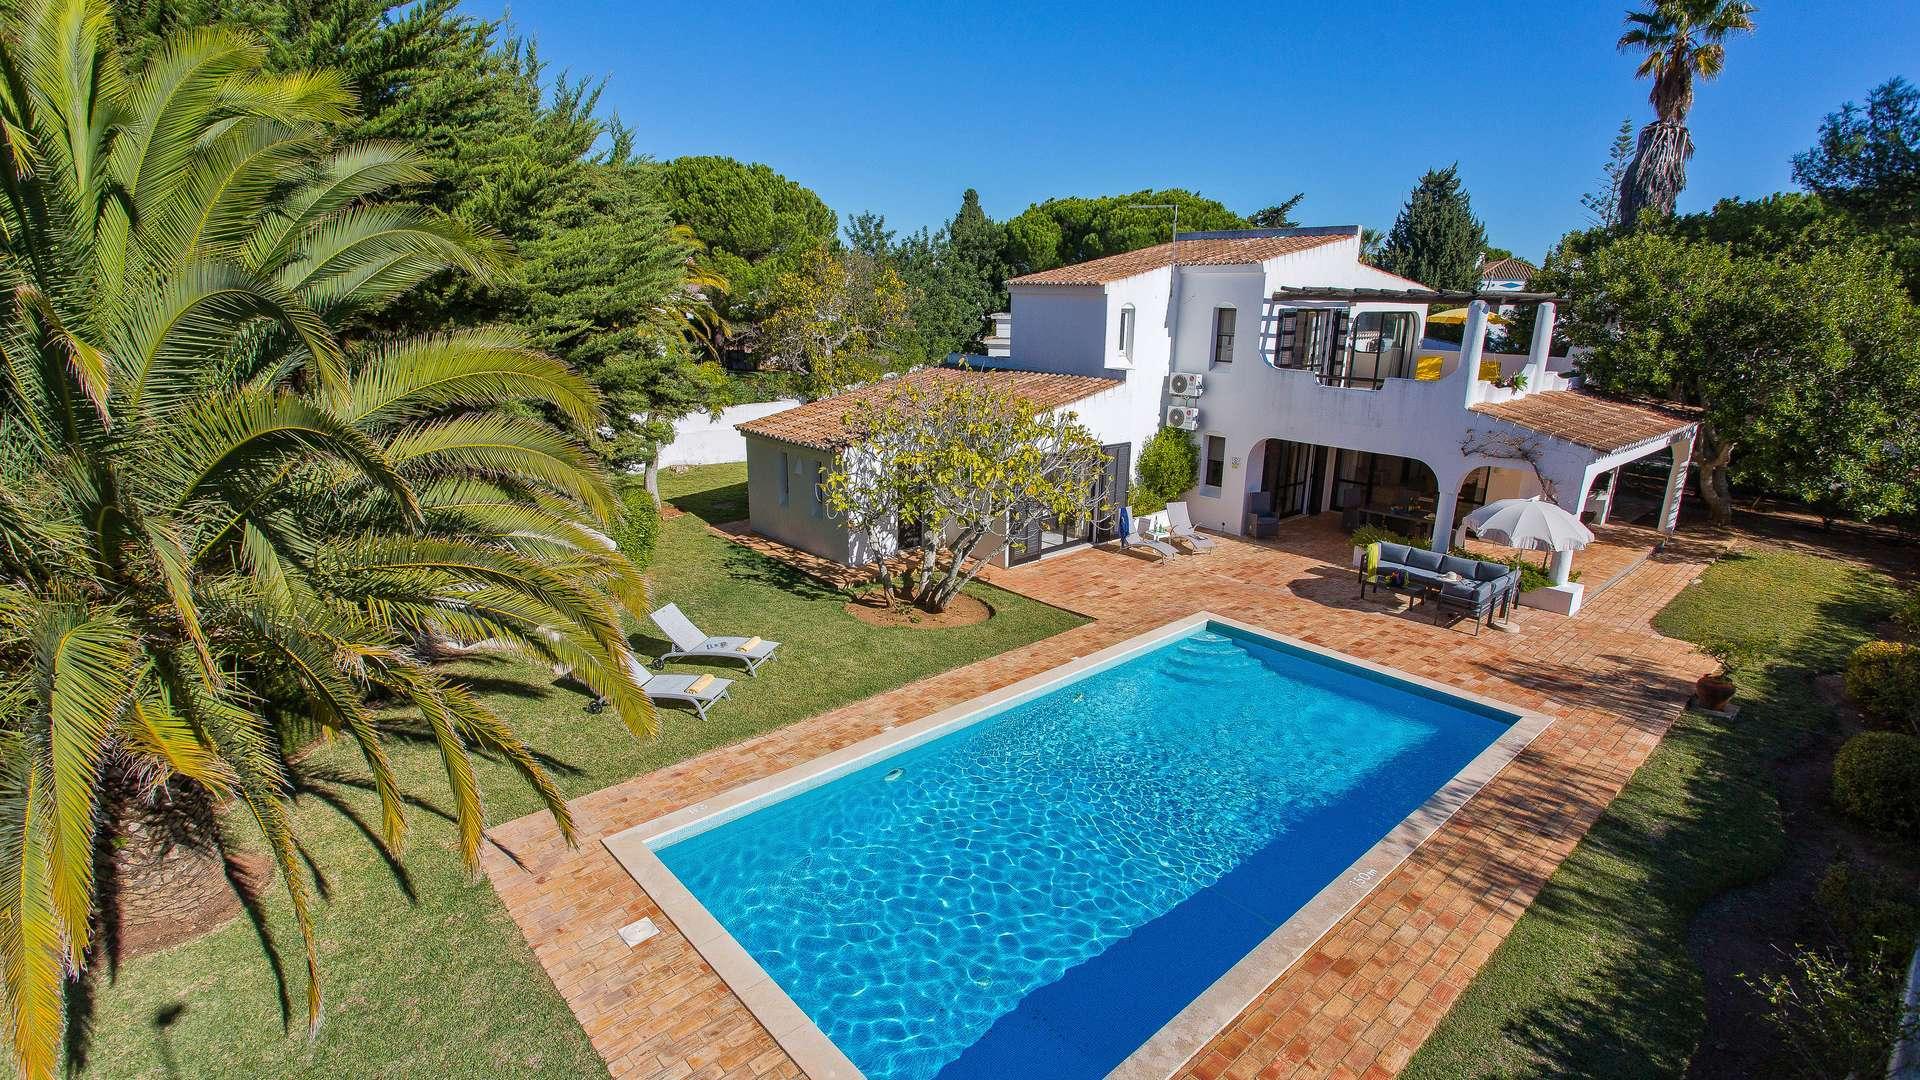 Casa Carvalho